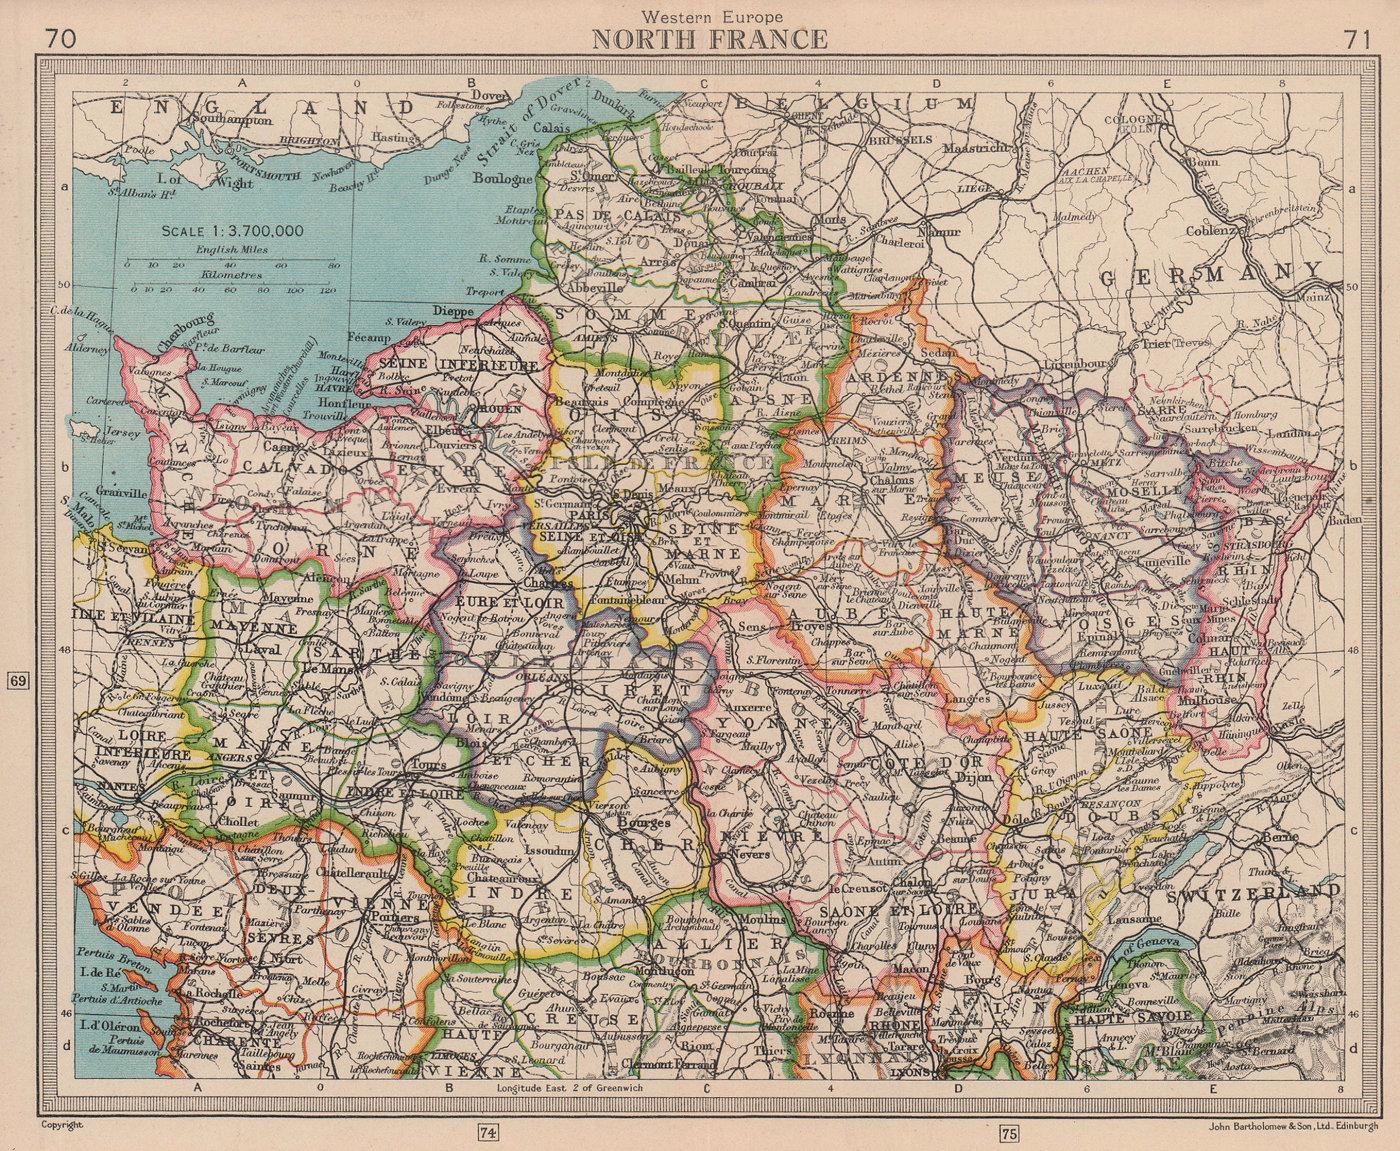 North France. Saar Protectorate Saarprotektorat. BARTHOLOMEW 1949 old map